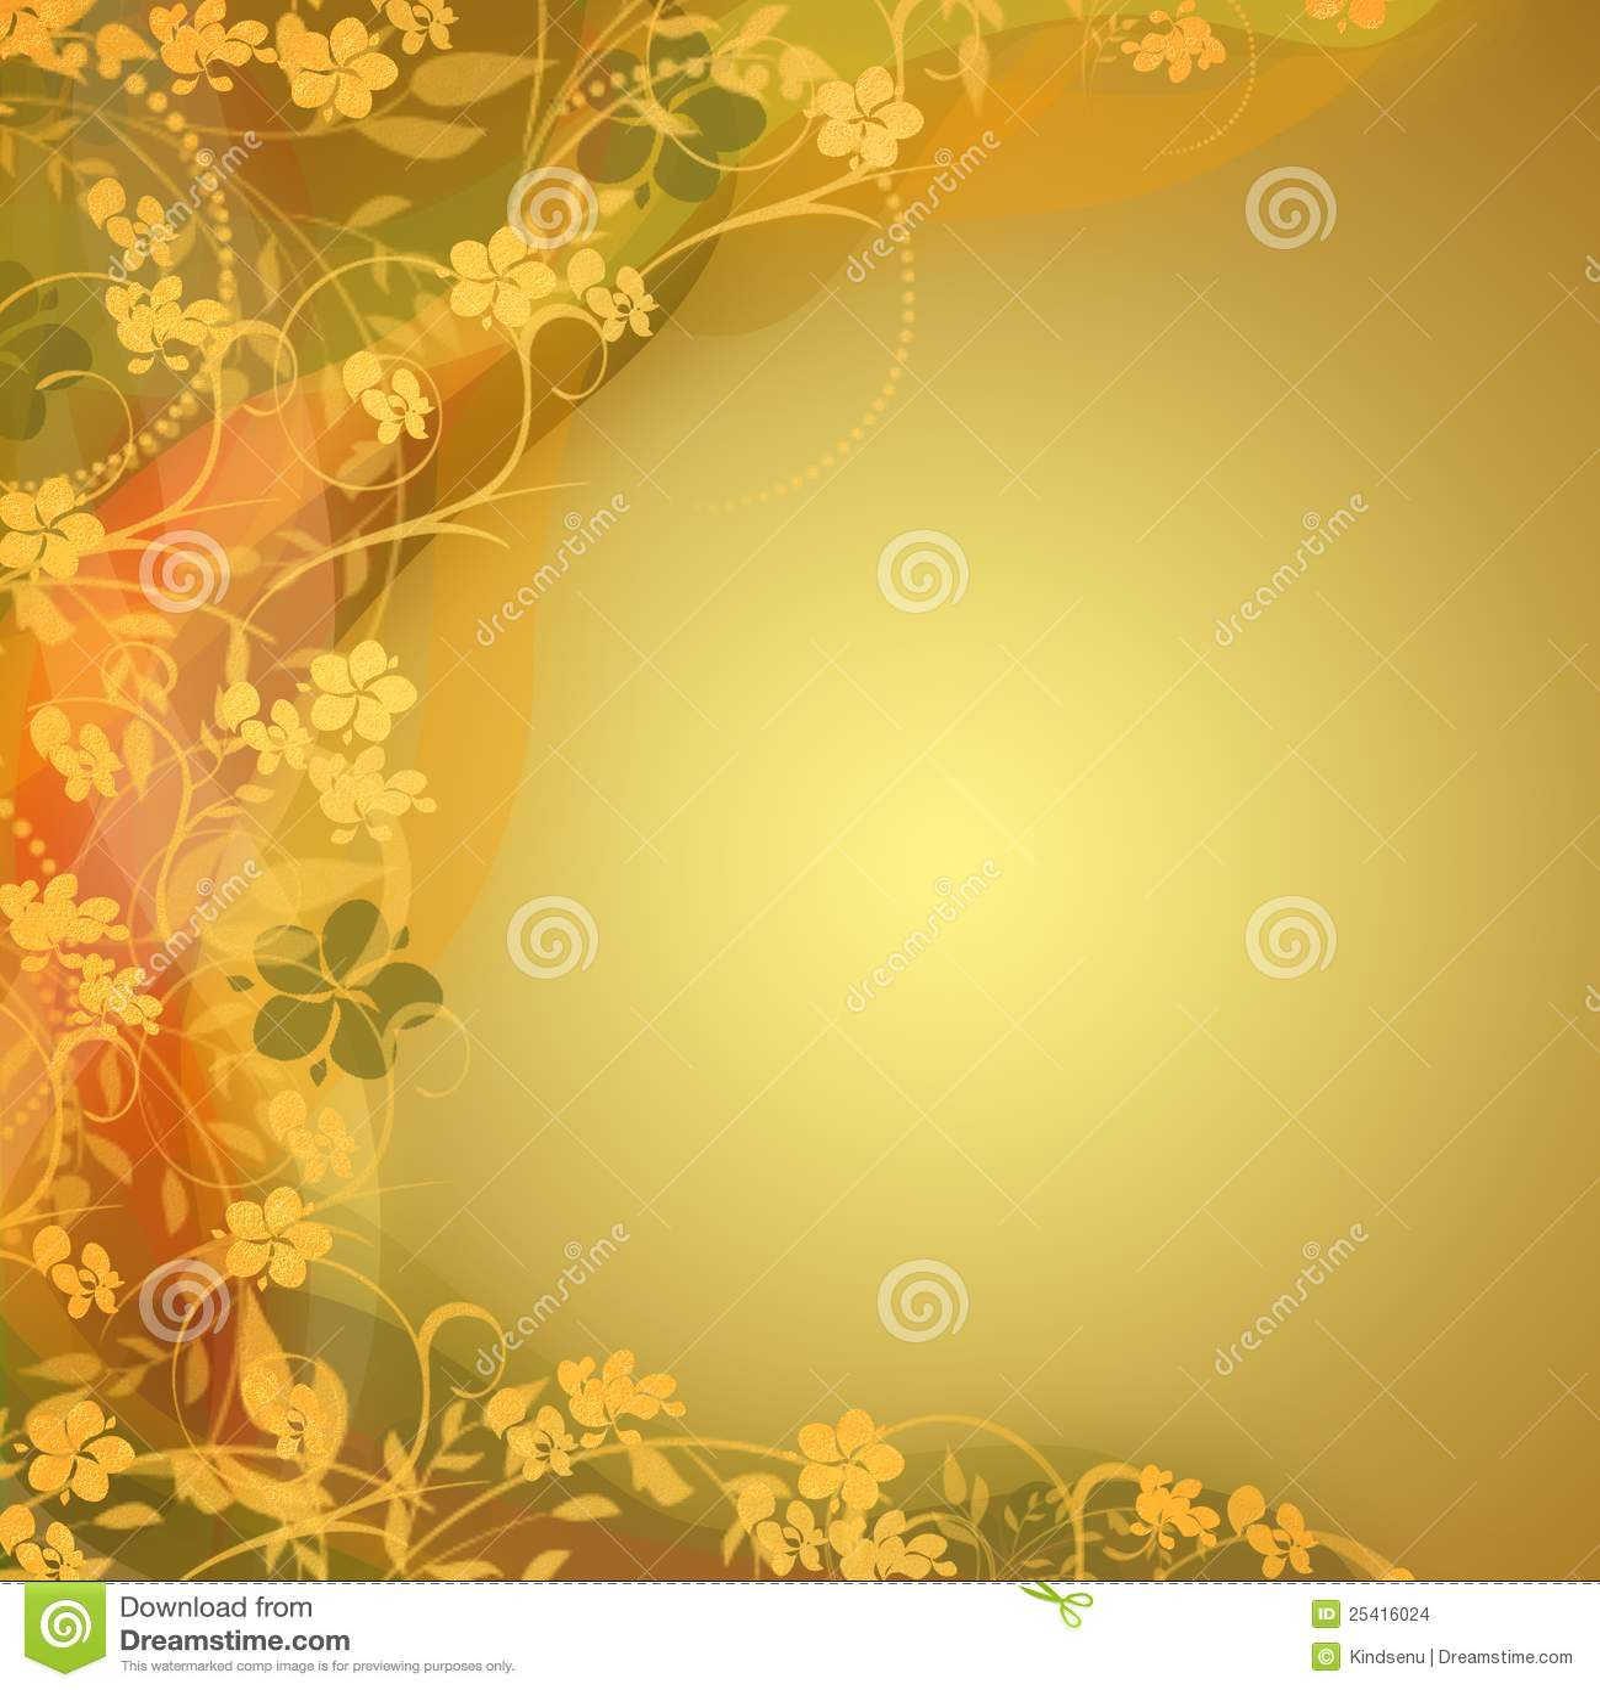 Golden Bright Floral Backgrounds Stock Illustration